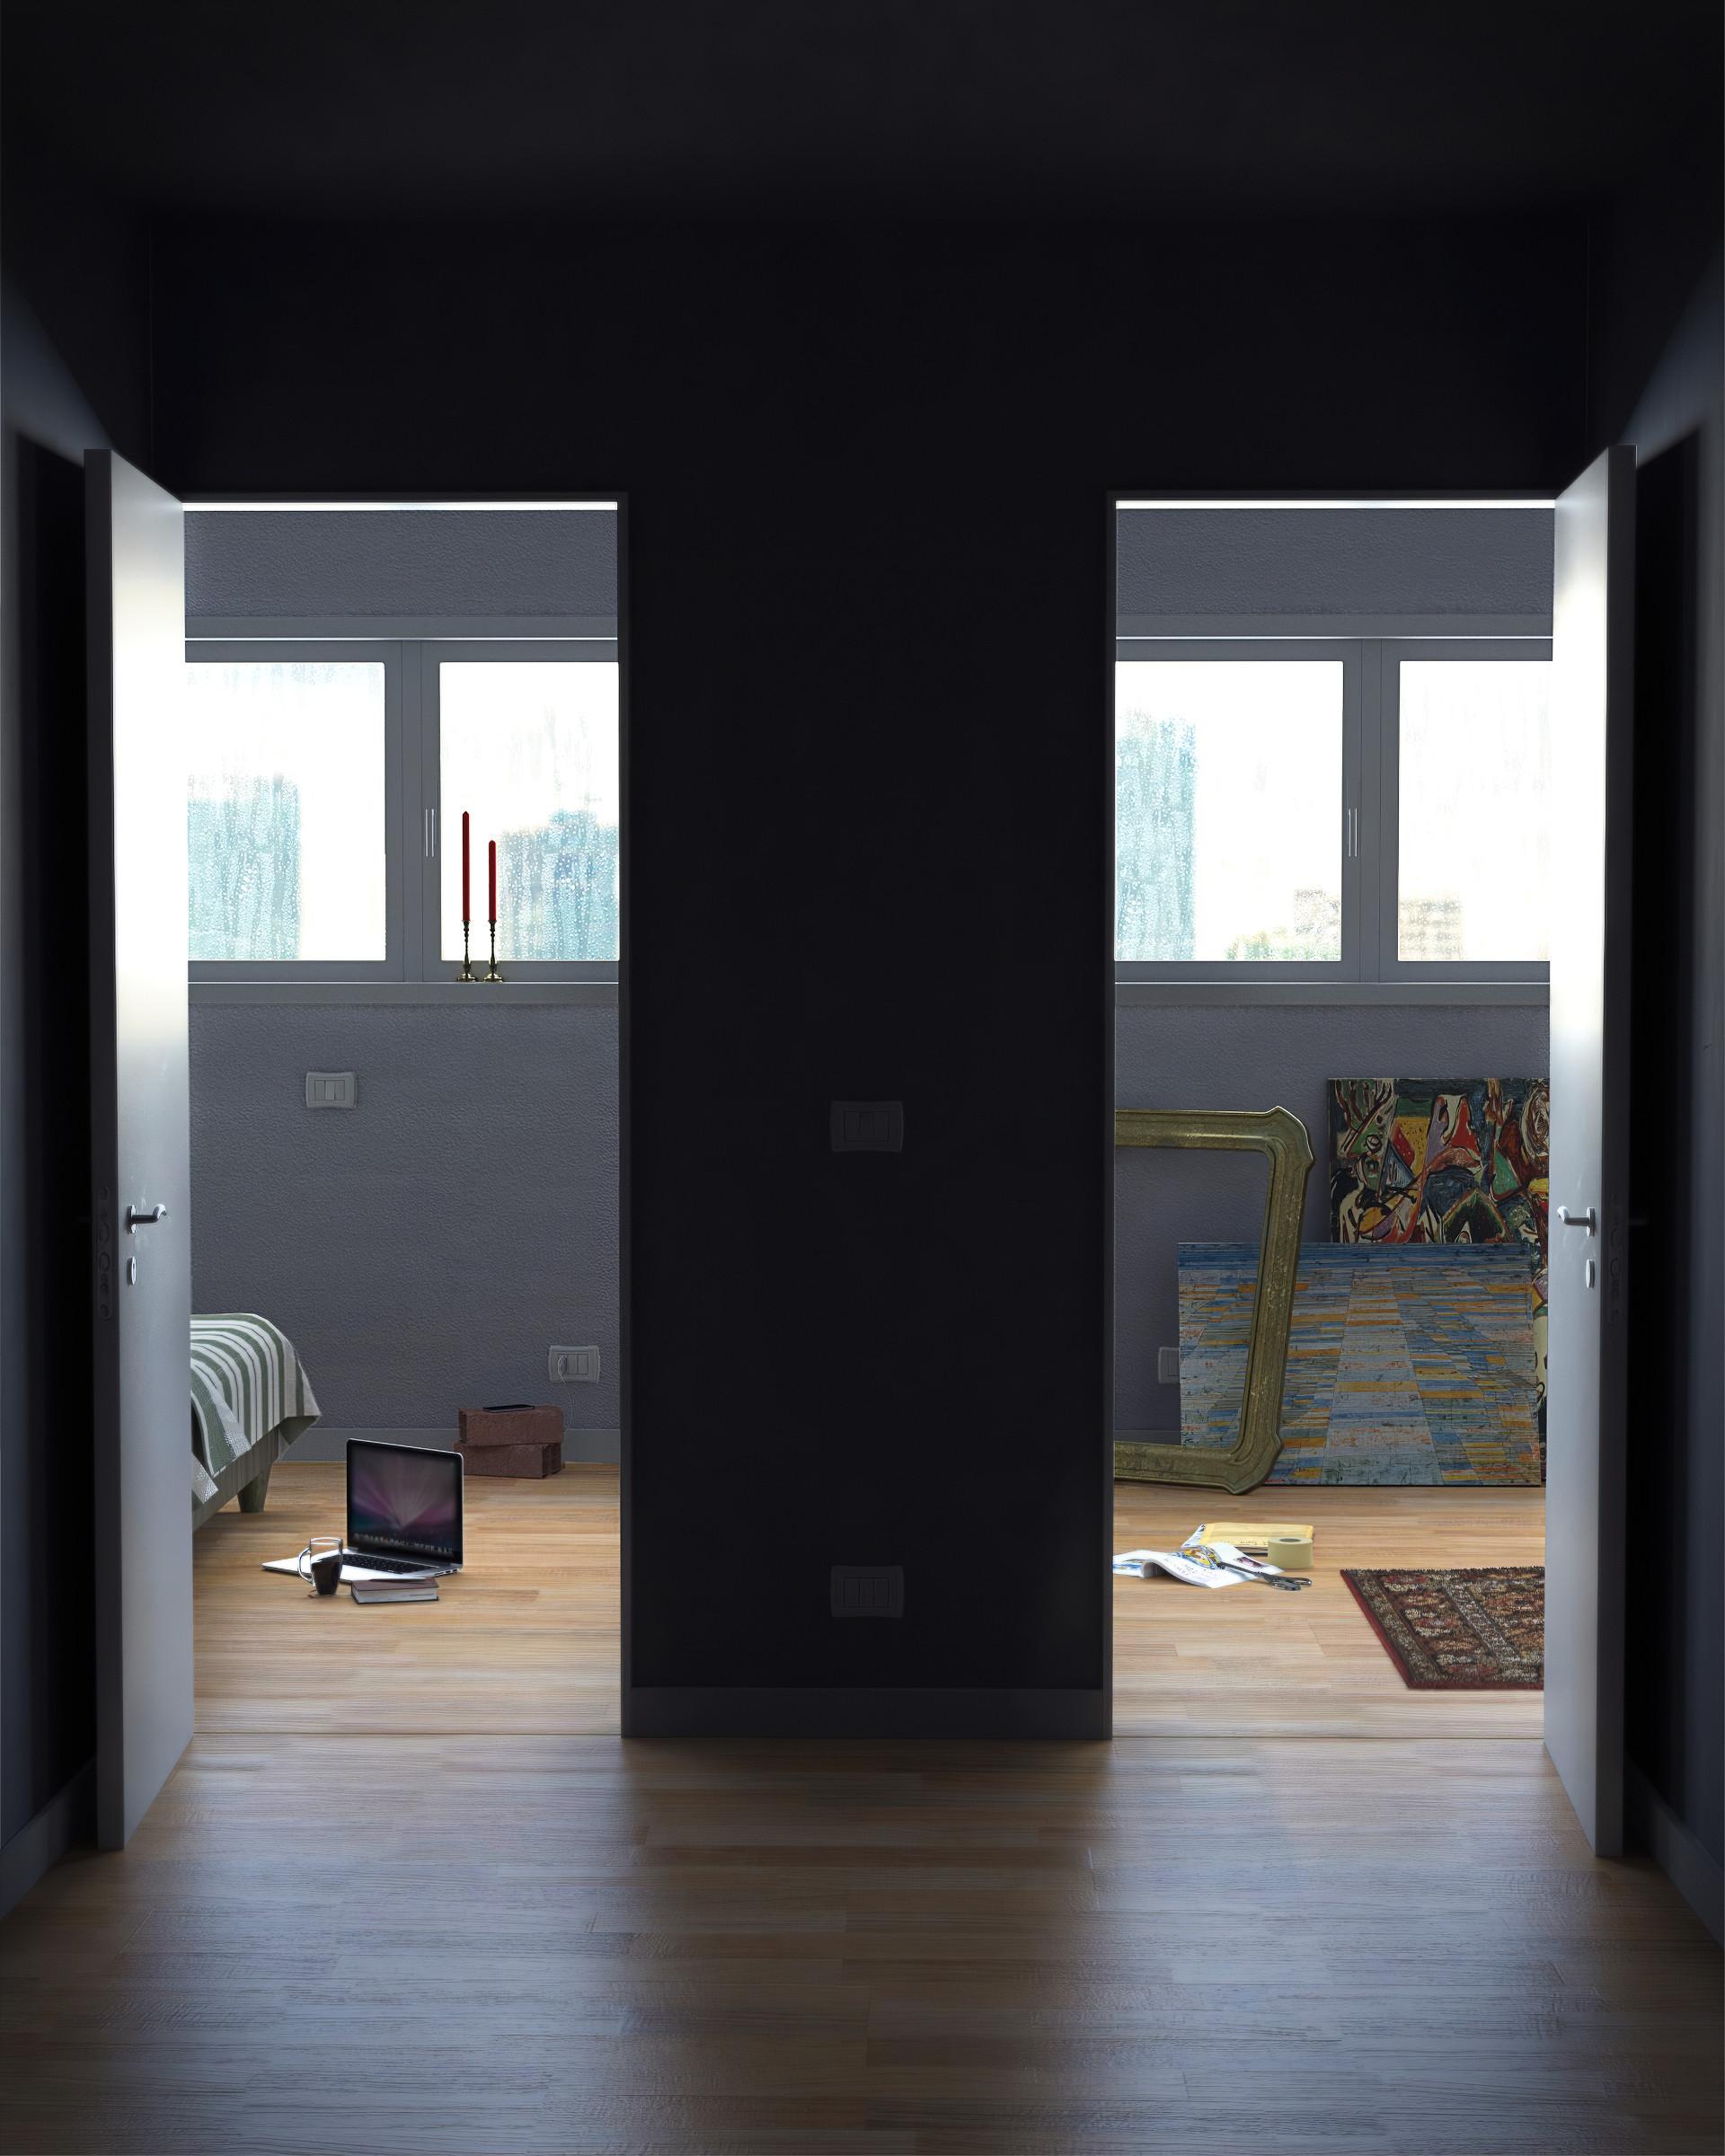 Federico abram hallway 01